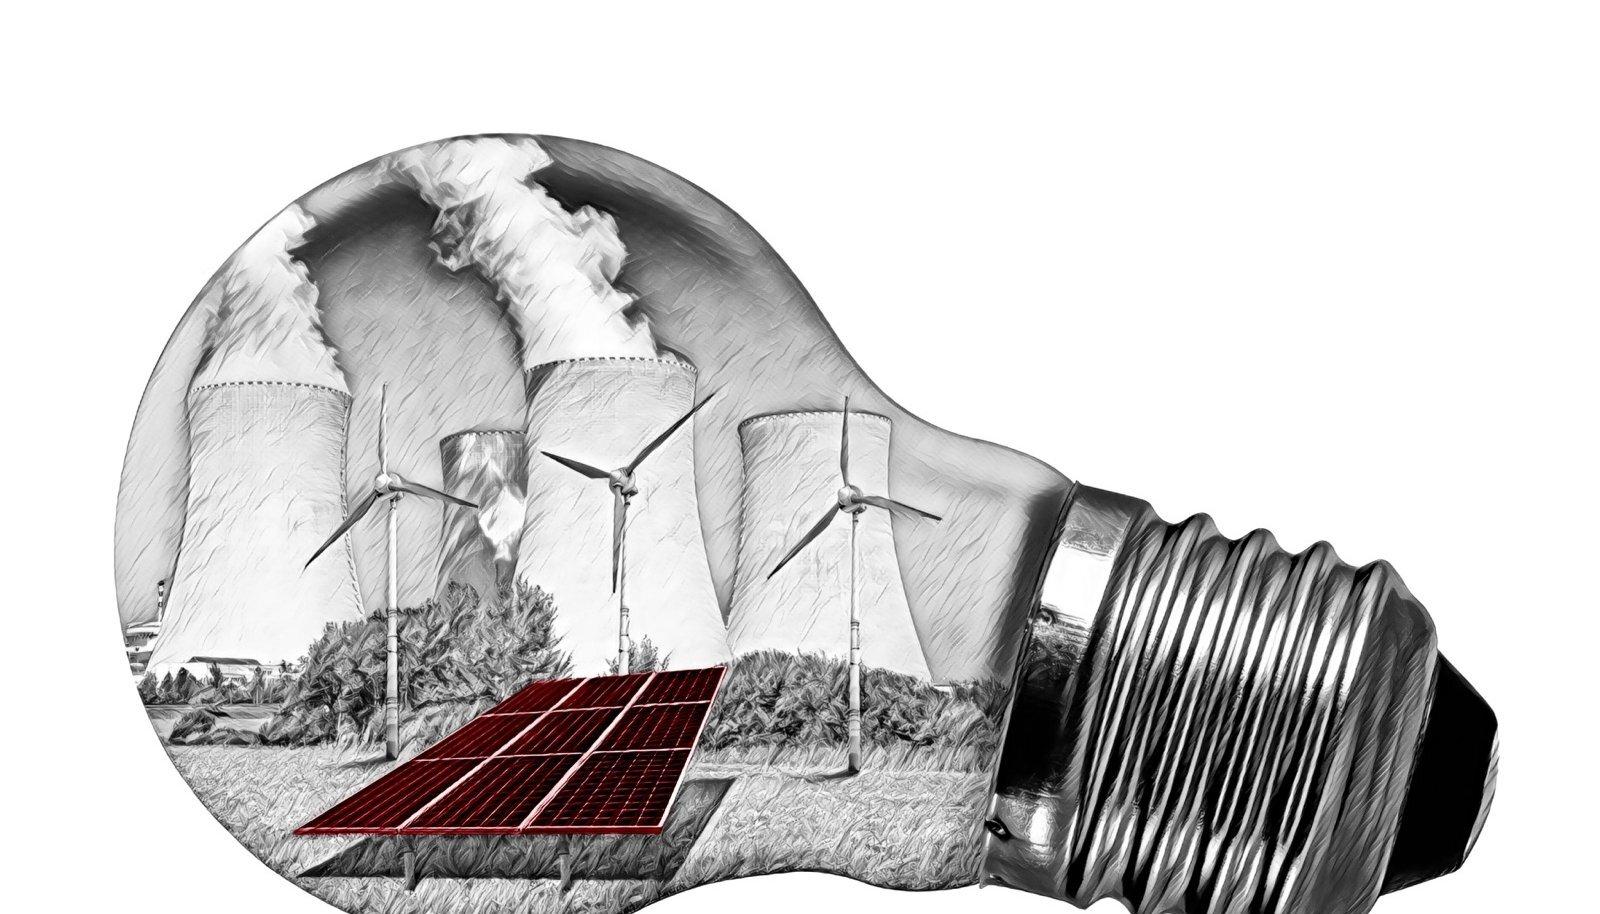 MIS SAAB HOMME? | Kuido Säde: 2050. aasta elektriturg on supervõrk Gibraltarist Kamtšatkani